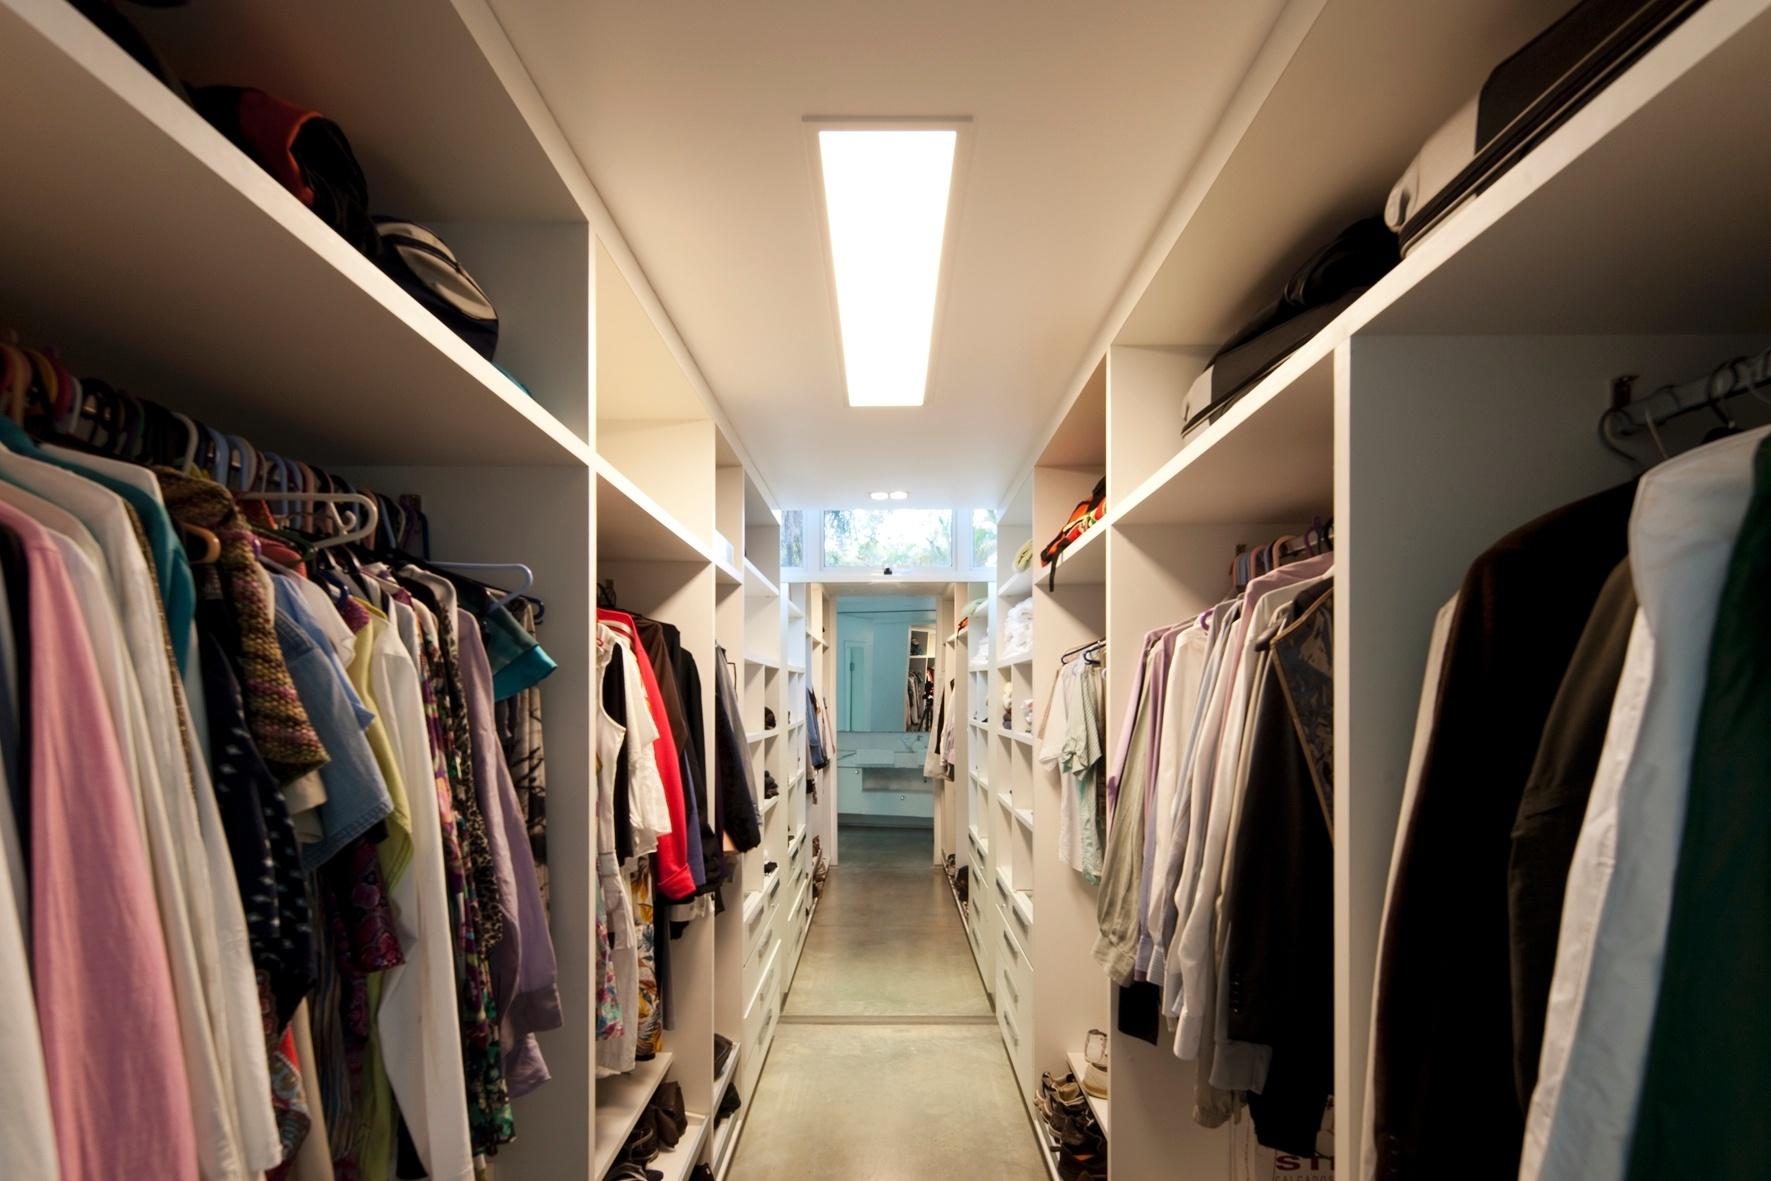 de prático espelho que reflete o banheiro dos proprietários. A Casa #AF1C24 1771 1181